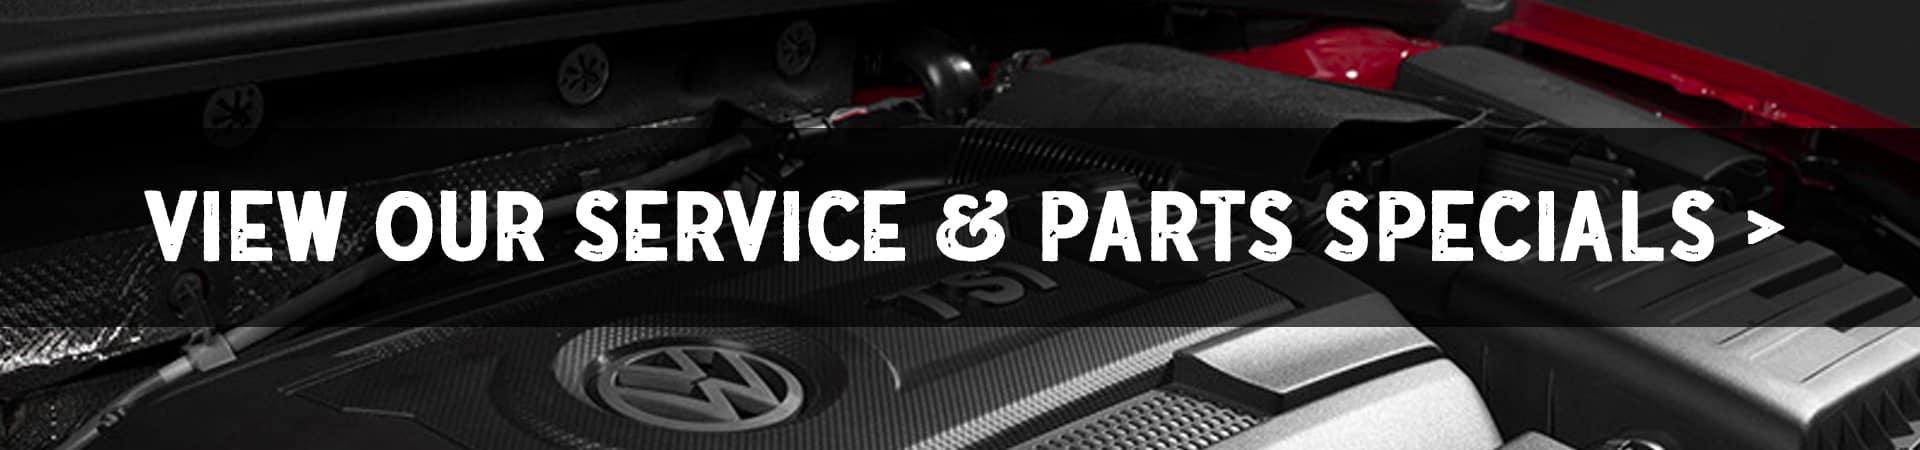 VW_Parts_Service